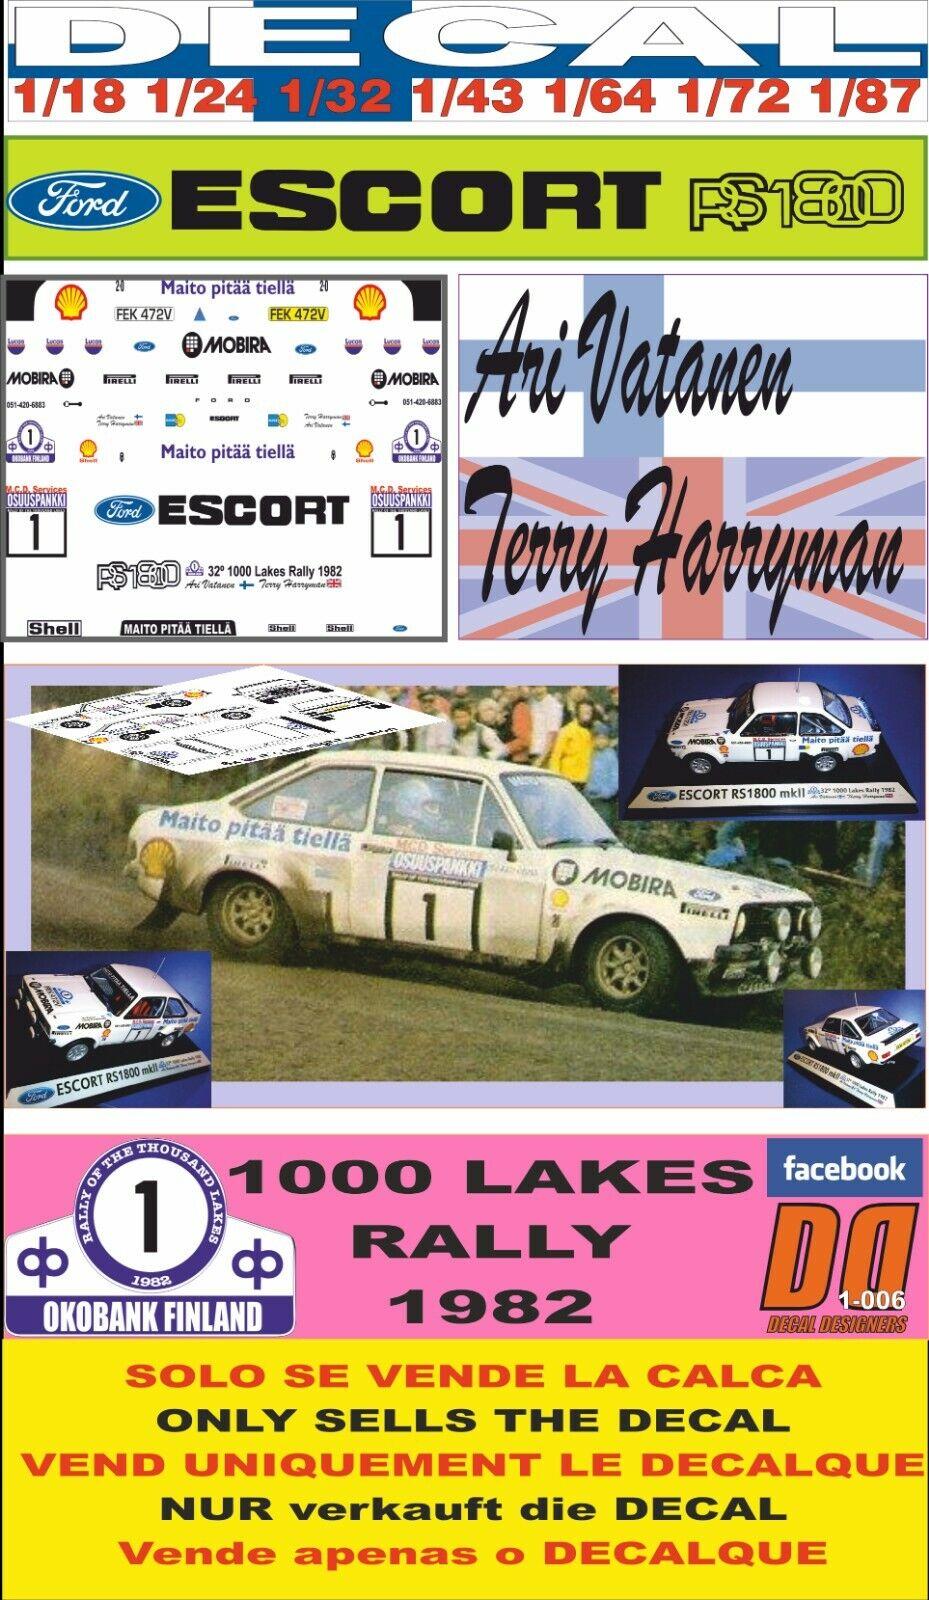 Ford Escort MKII-vatanen-Manx 82 Ixo